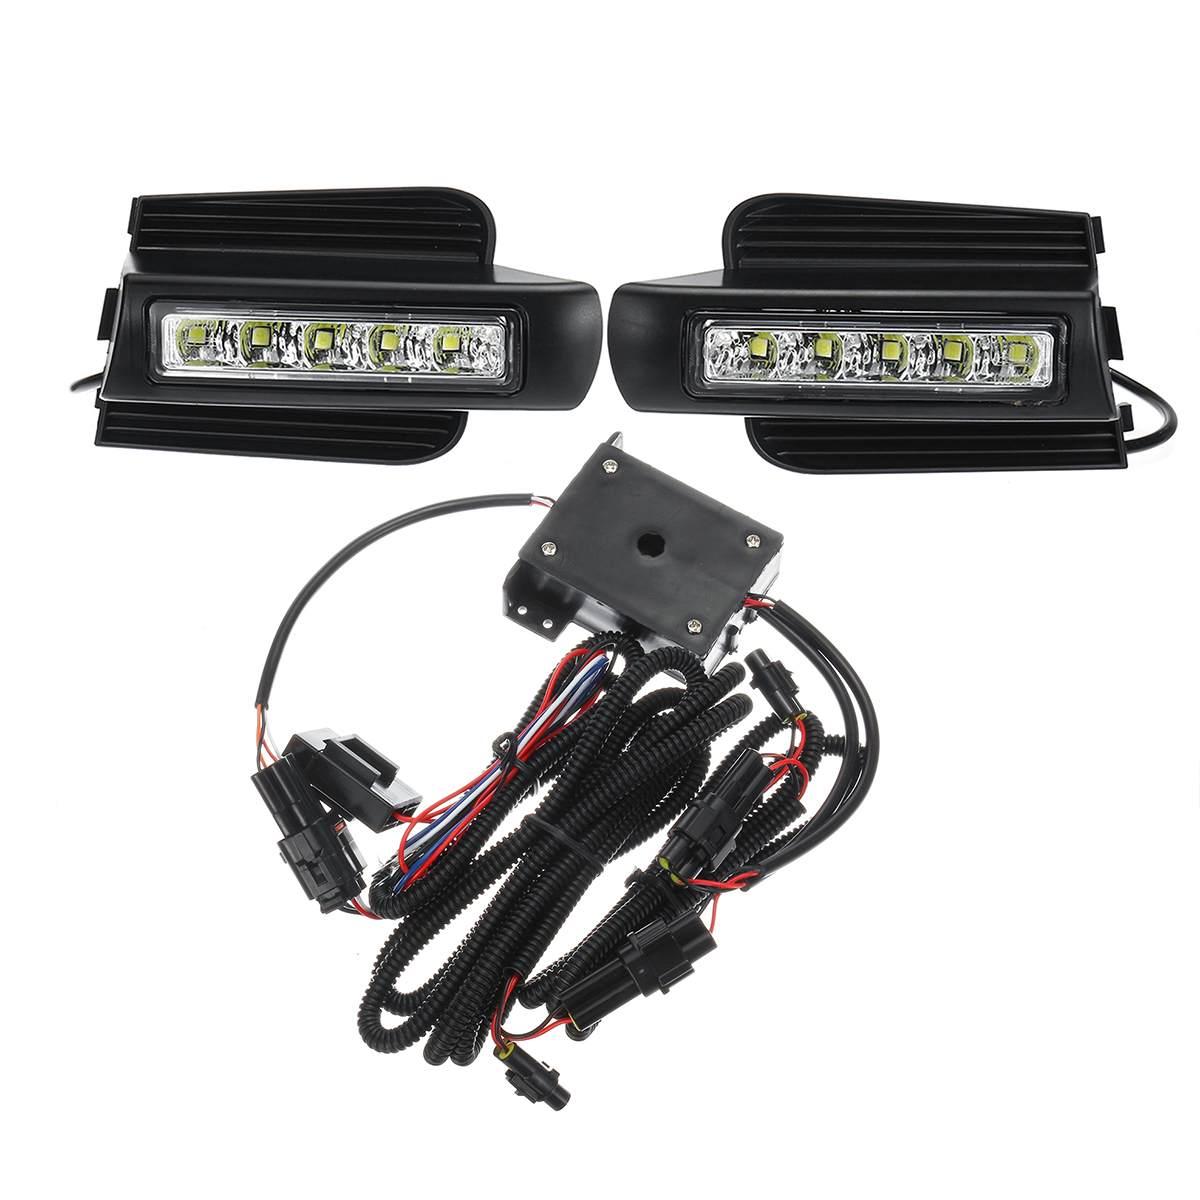 E4 Mark feux de jour antibrouillard accessoires LED DRL pour Toyota Land Cruiser Prado 120 GRJ120 TRJ120 FJ120 2003 ~ 2009